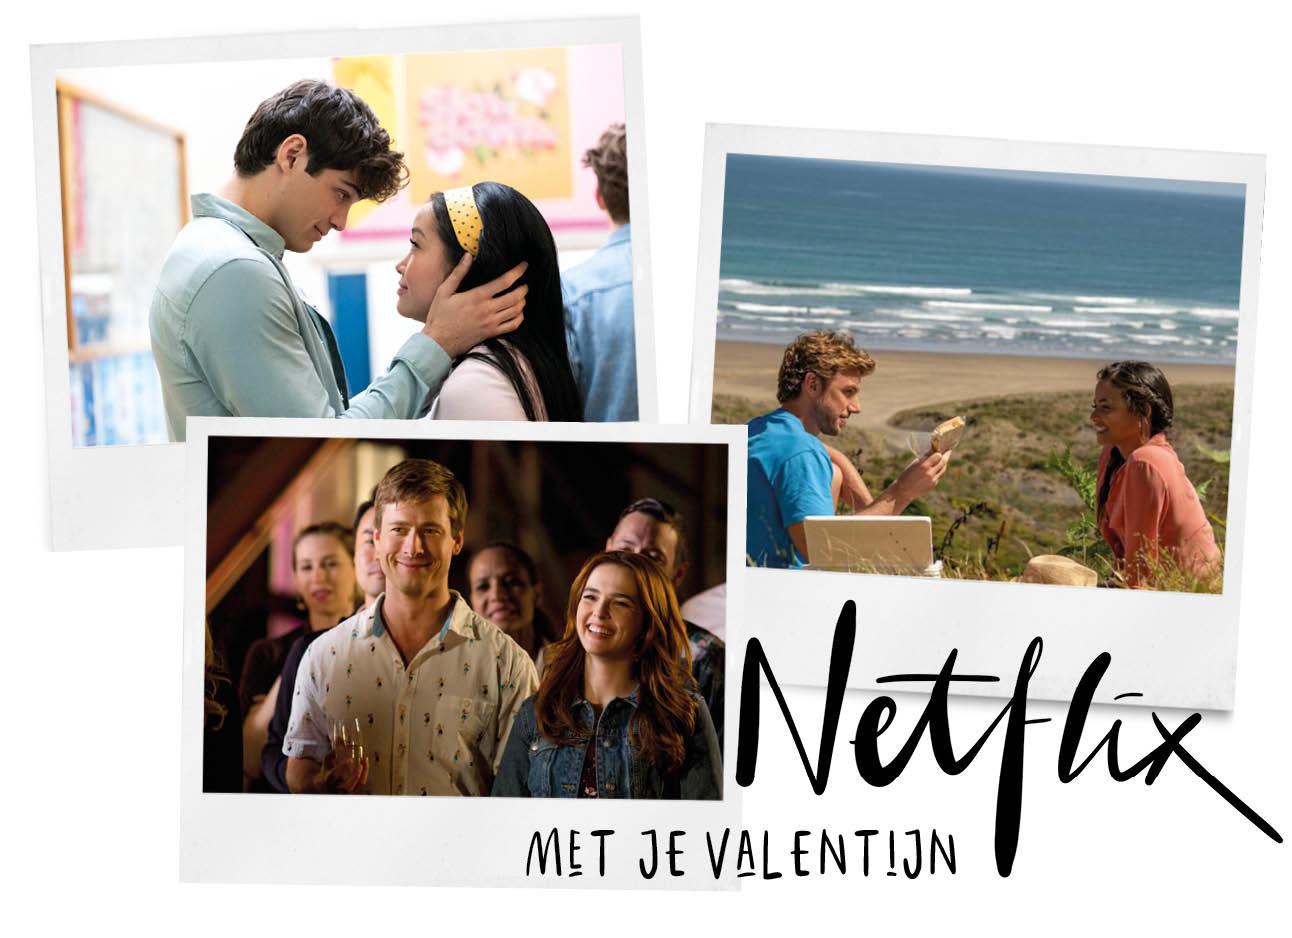 netflix originals voor valentijn